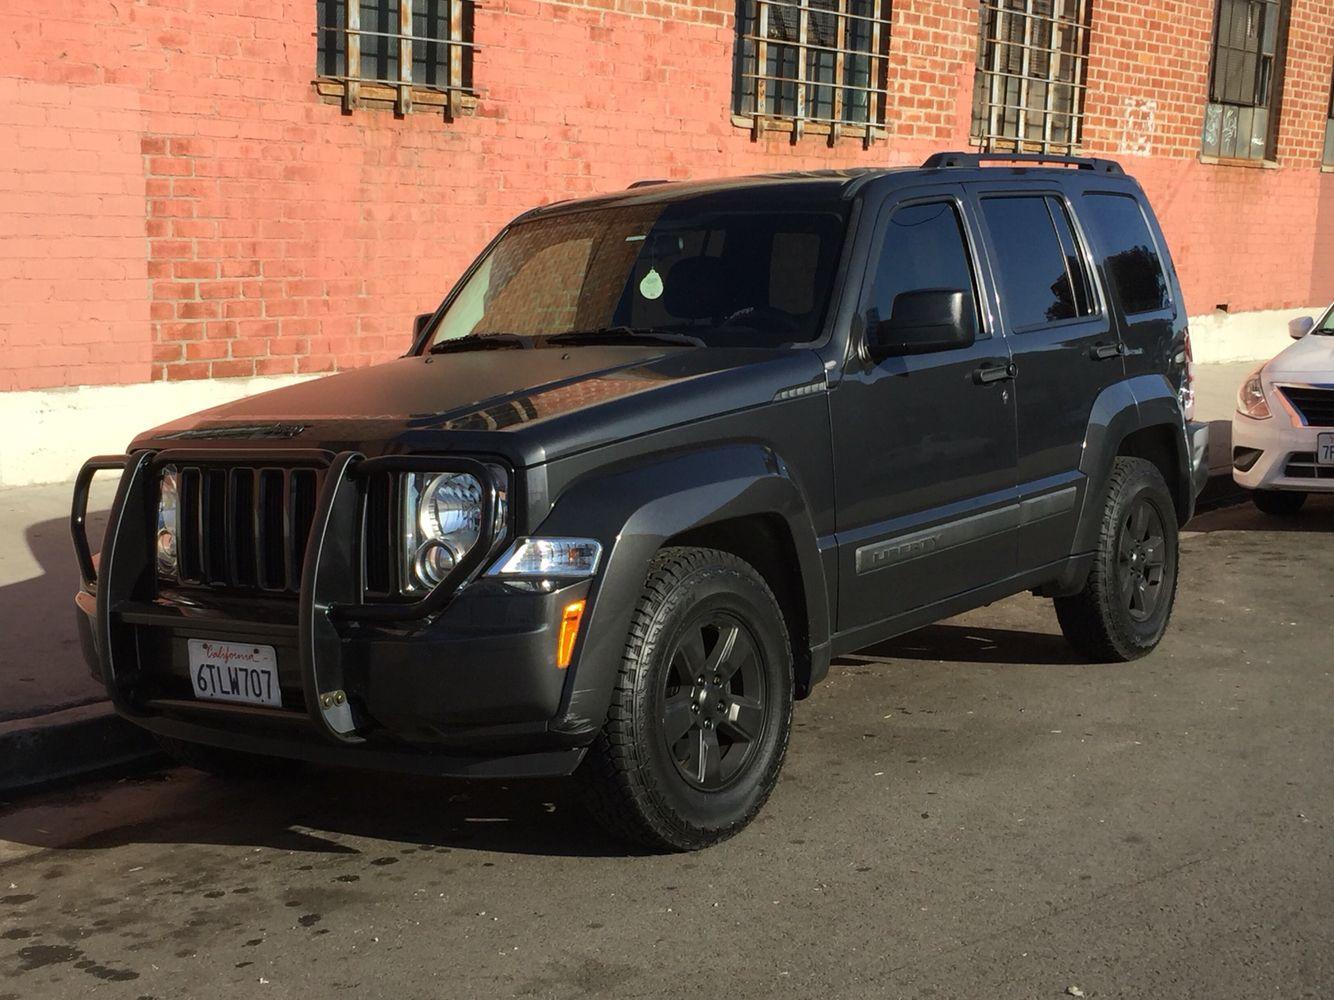 tinted jeep liberty kk 2011 | jeep liberty kk | pinterest | jeep